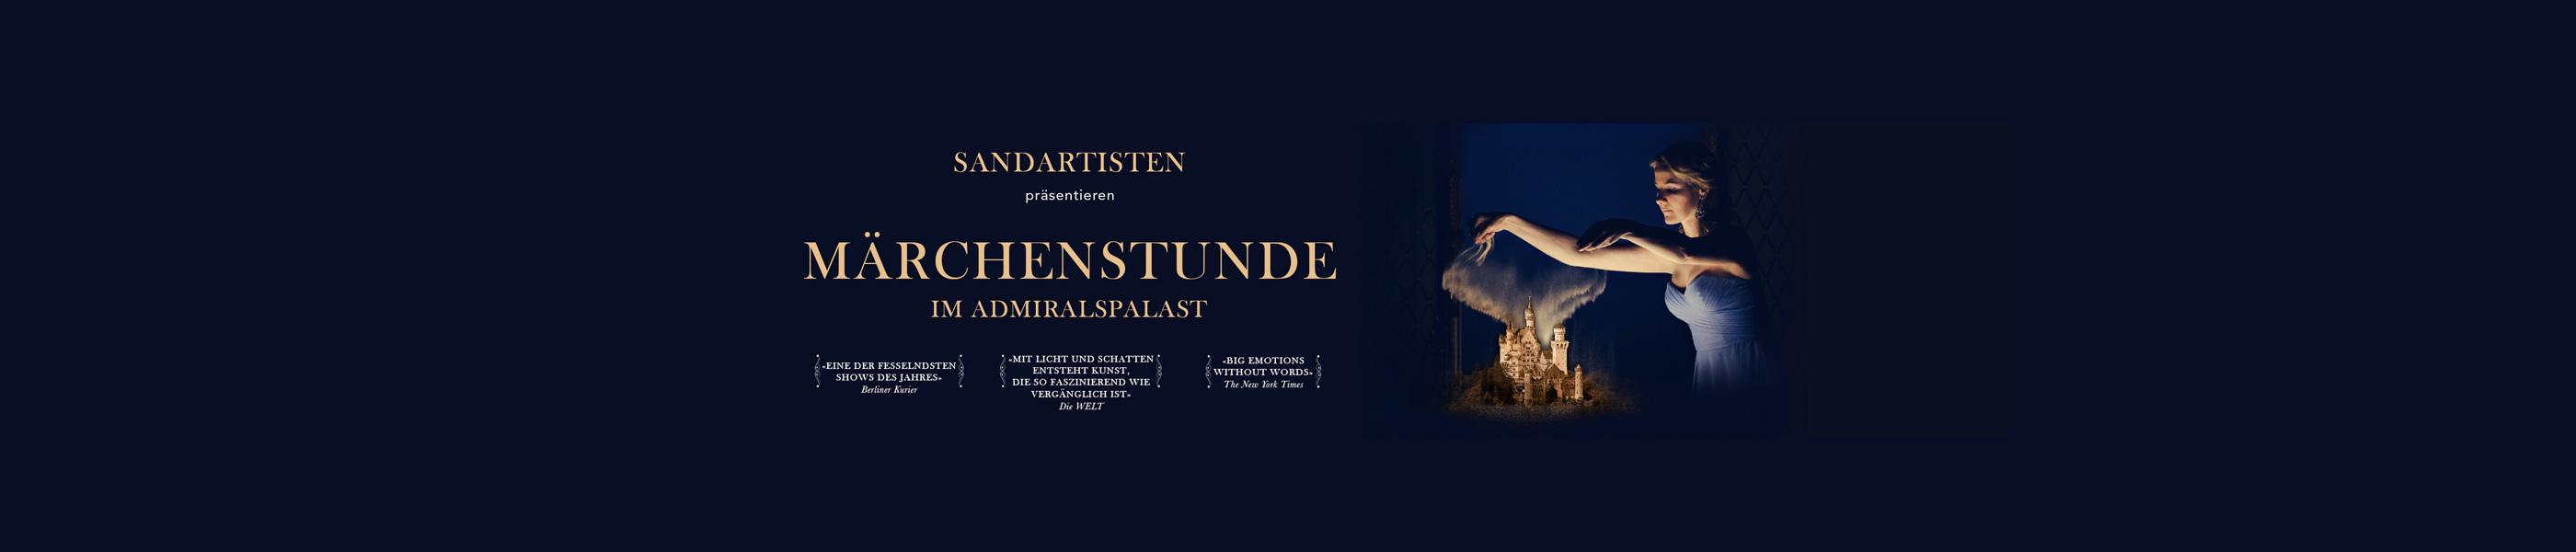 Sandtheater-Maerchenstunde-Berlin